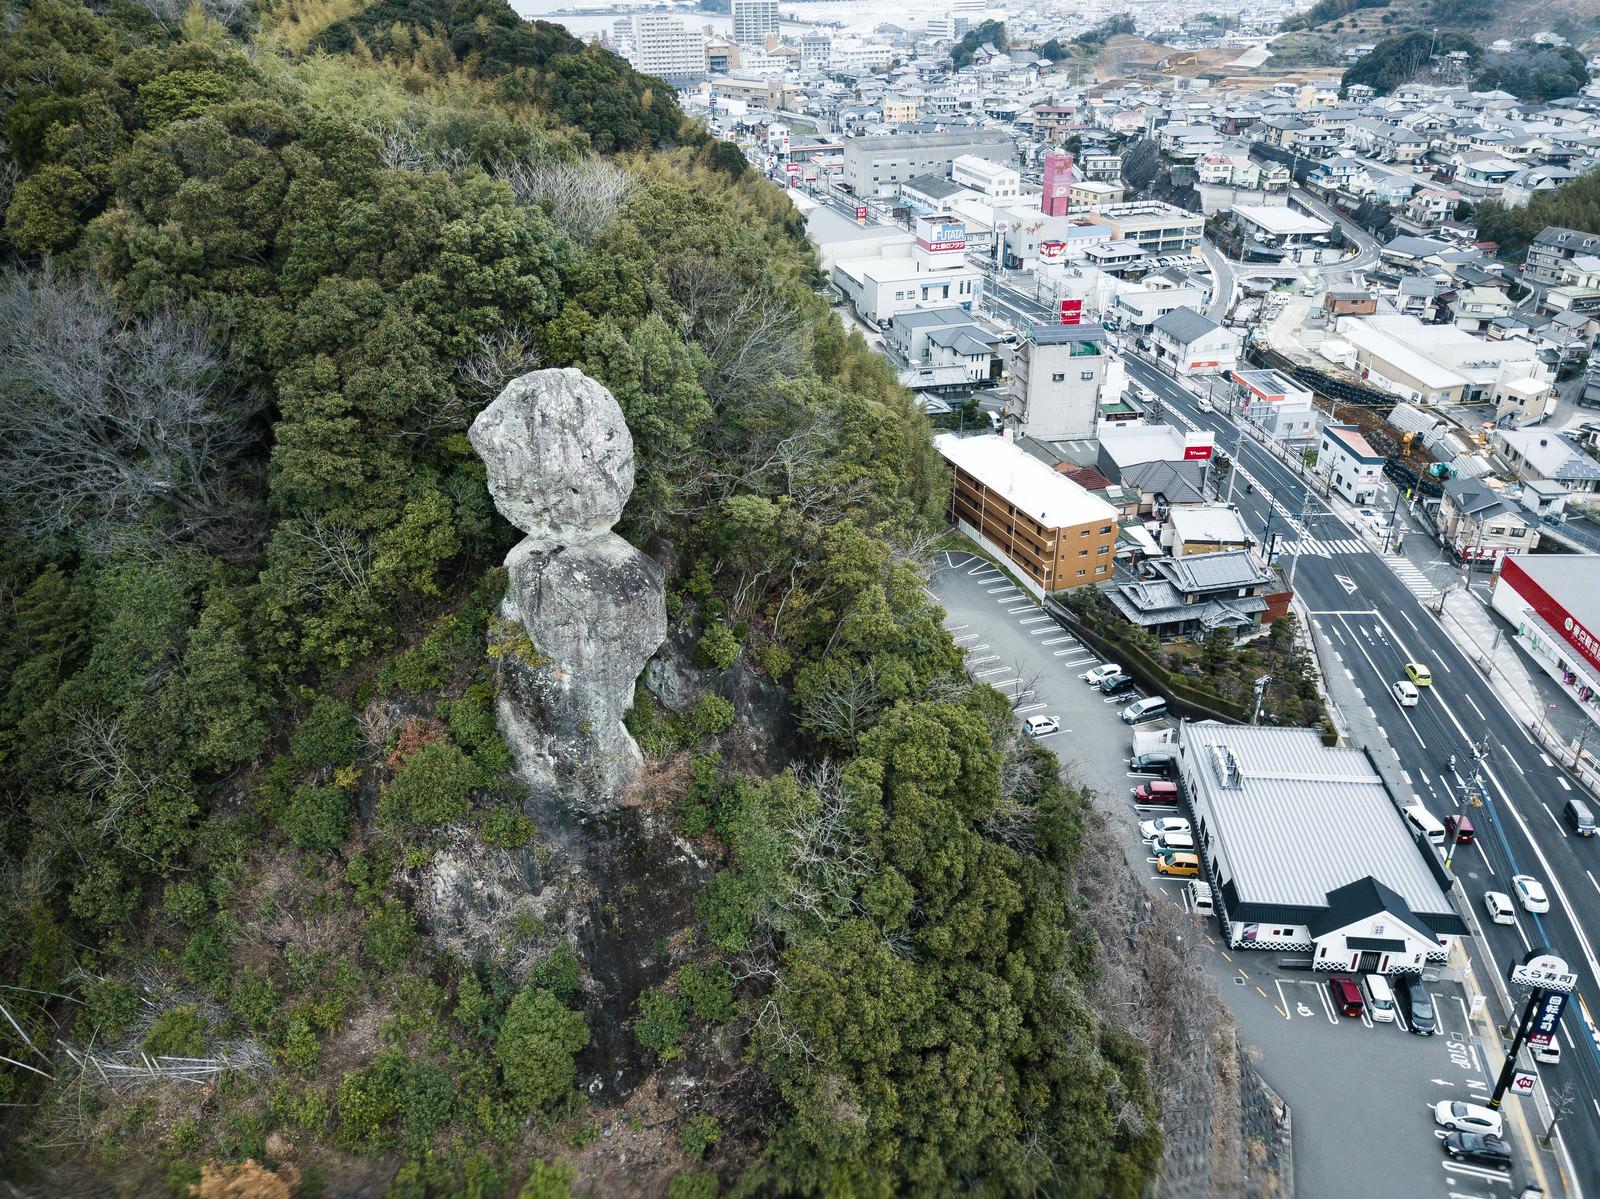 「車通りが多い街中にある落ちそうな巨岩(鯖くさらかし岩)」の写真